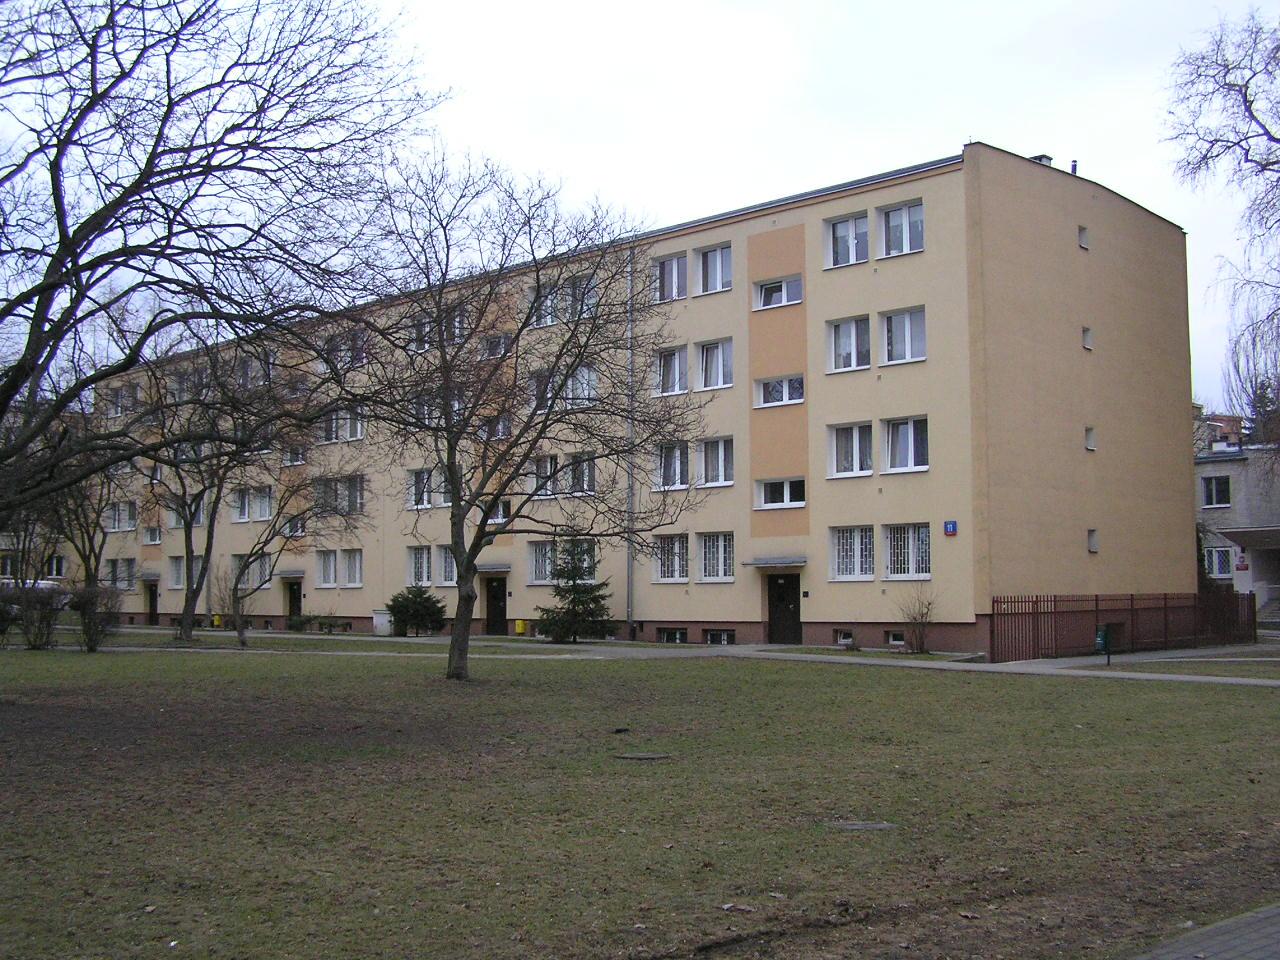 Budynek przy ulicy Rozłuckiej 11 na Grochowie